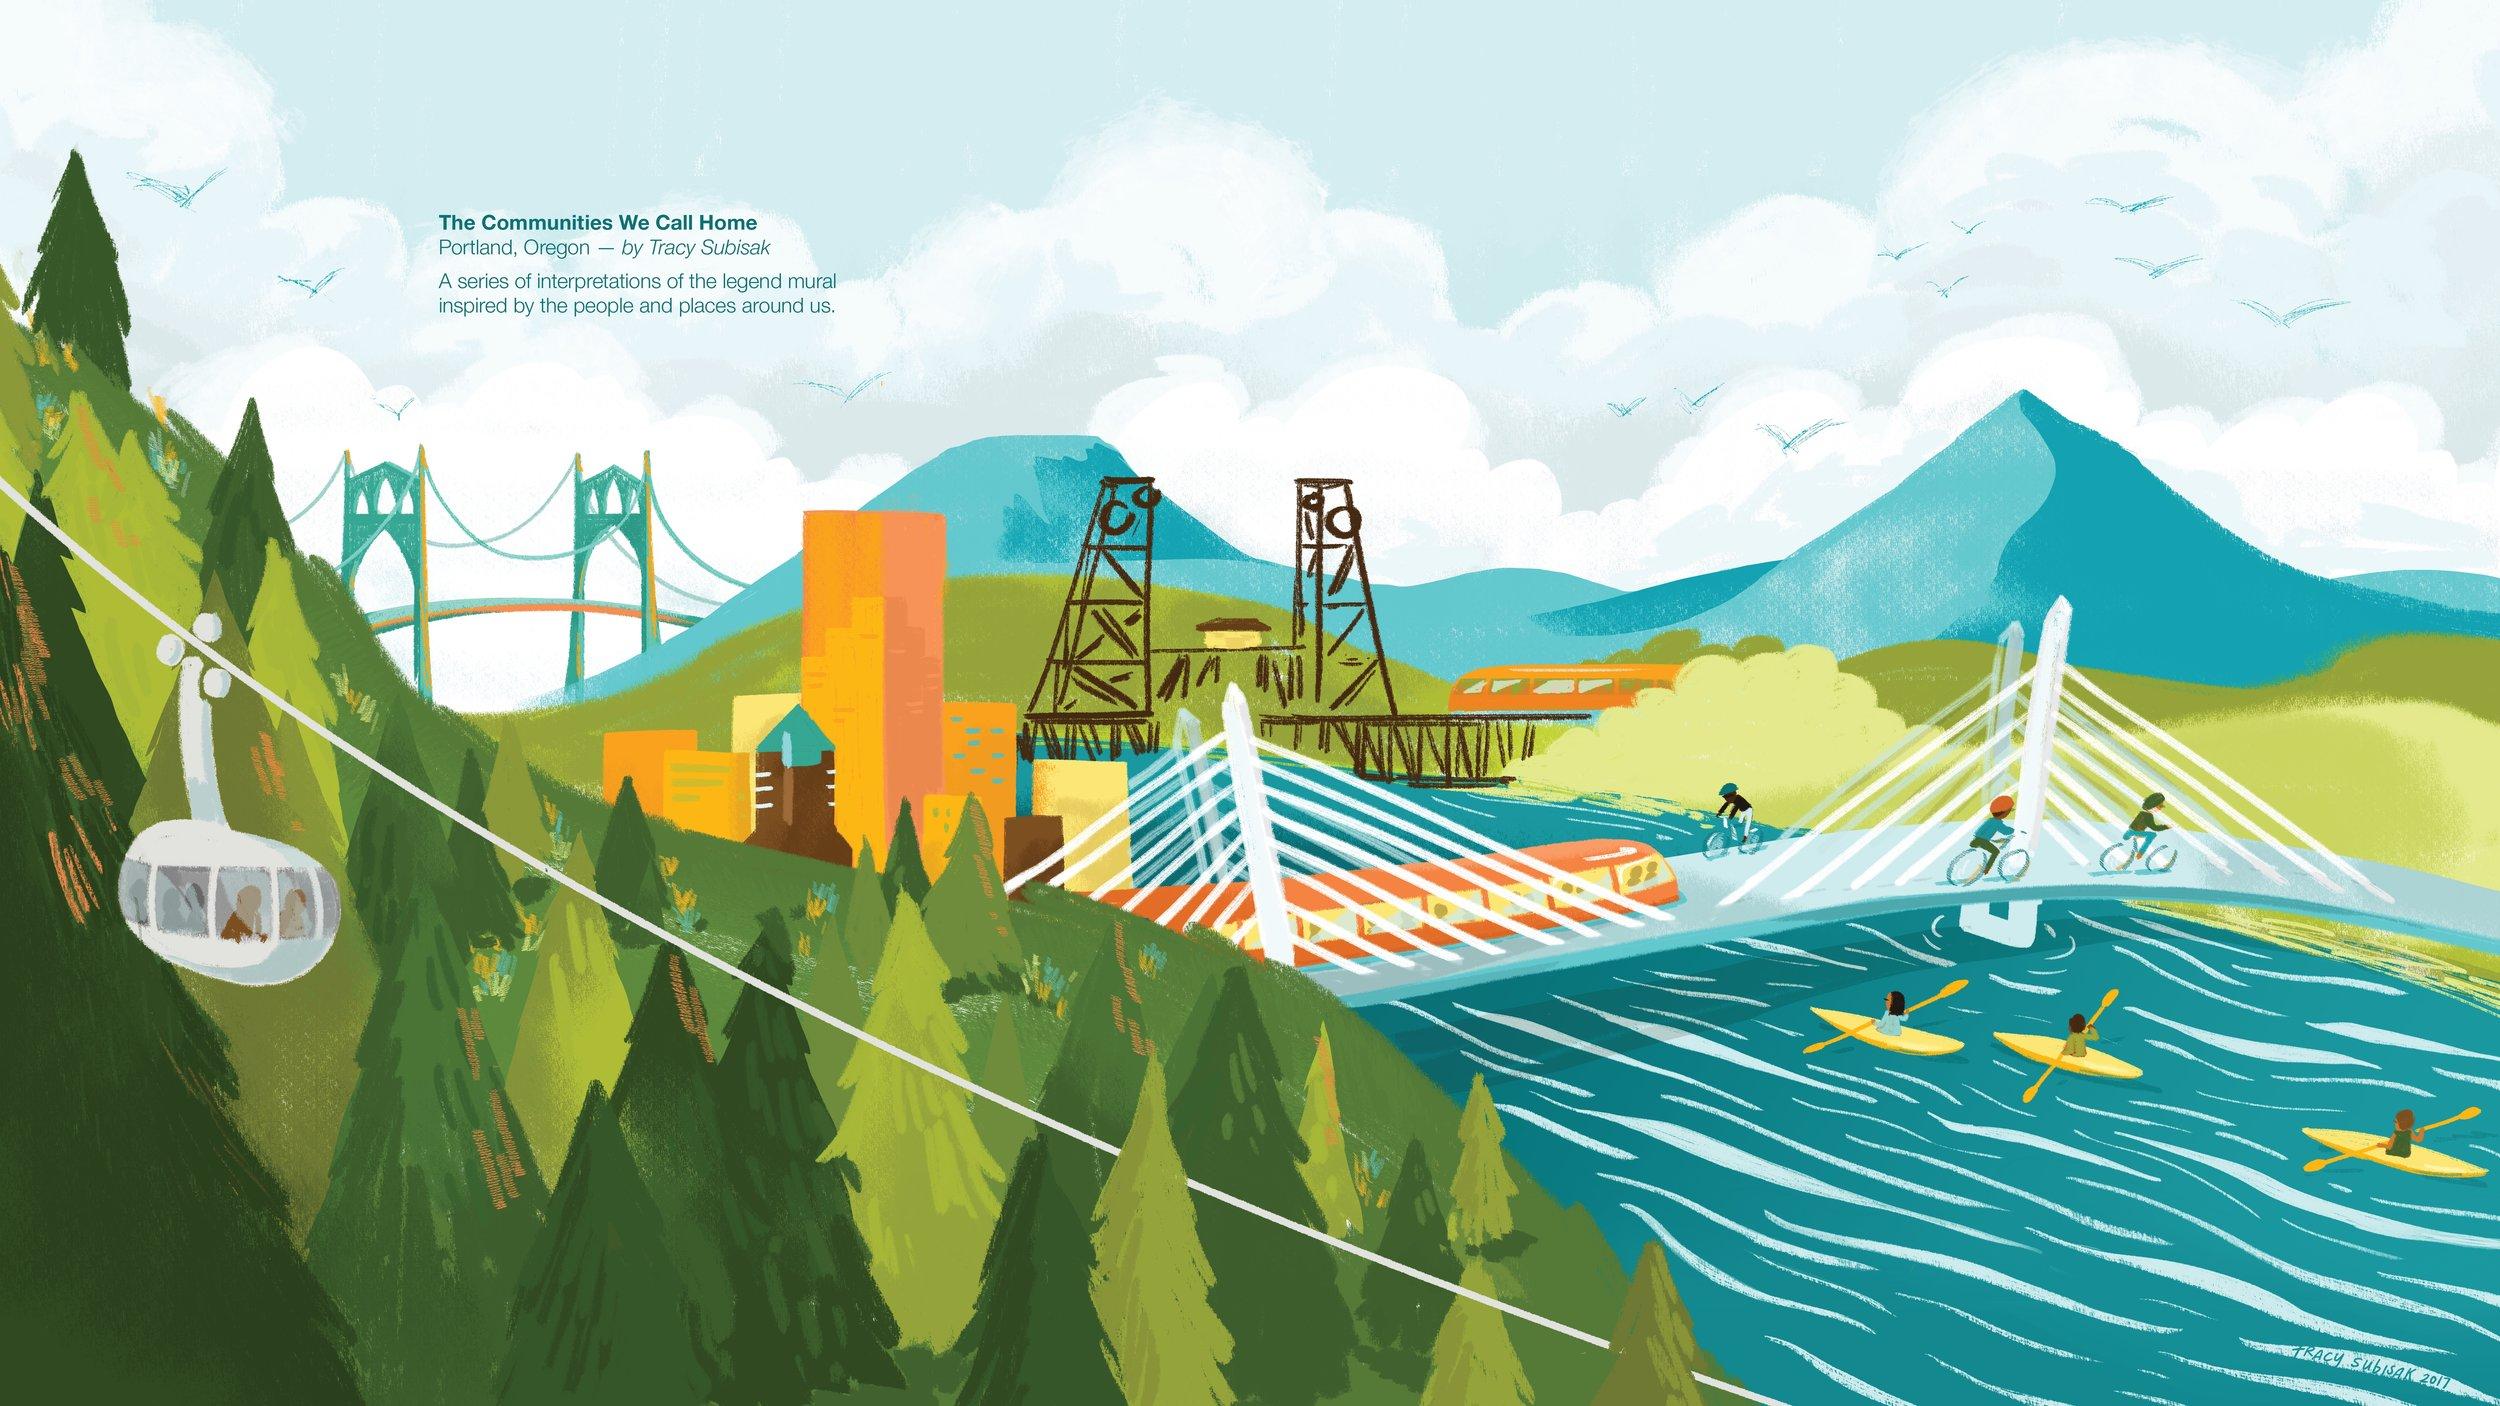 mural 4 portland jpg.jpg